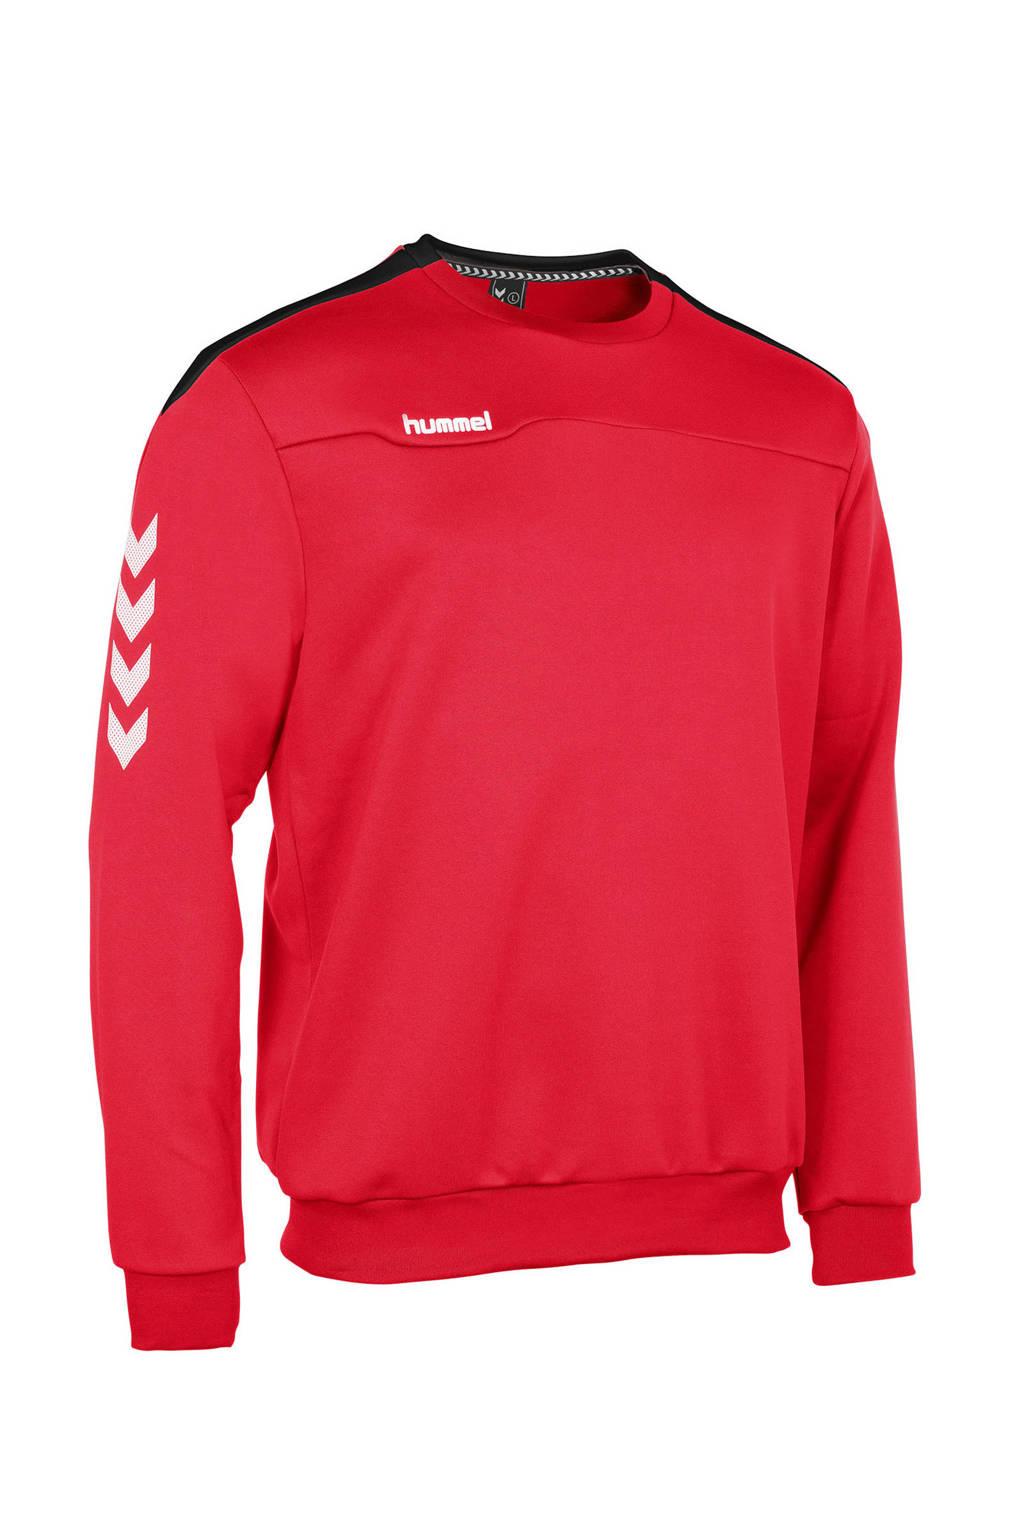 hummel   sportsweater rood, Rood/zwart/wit